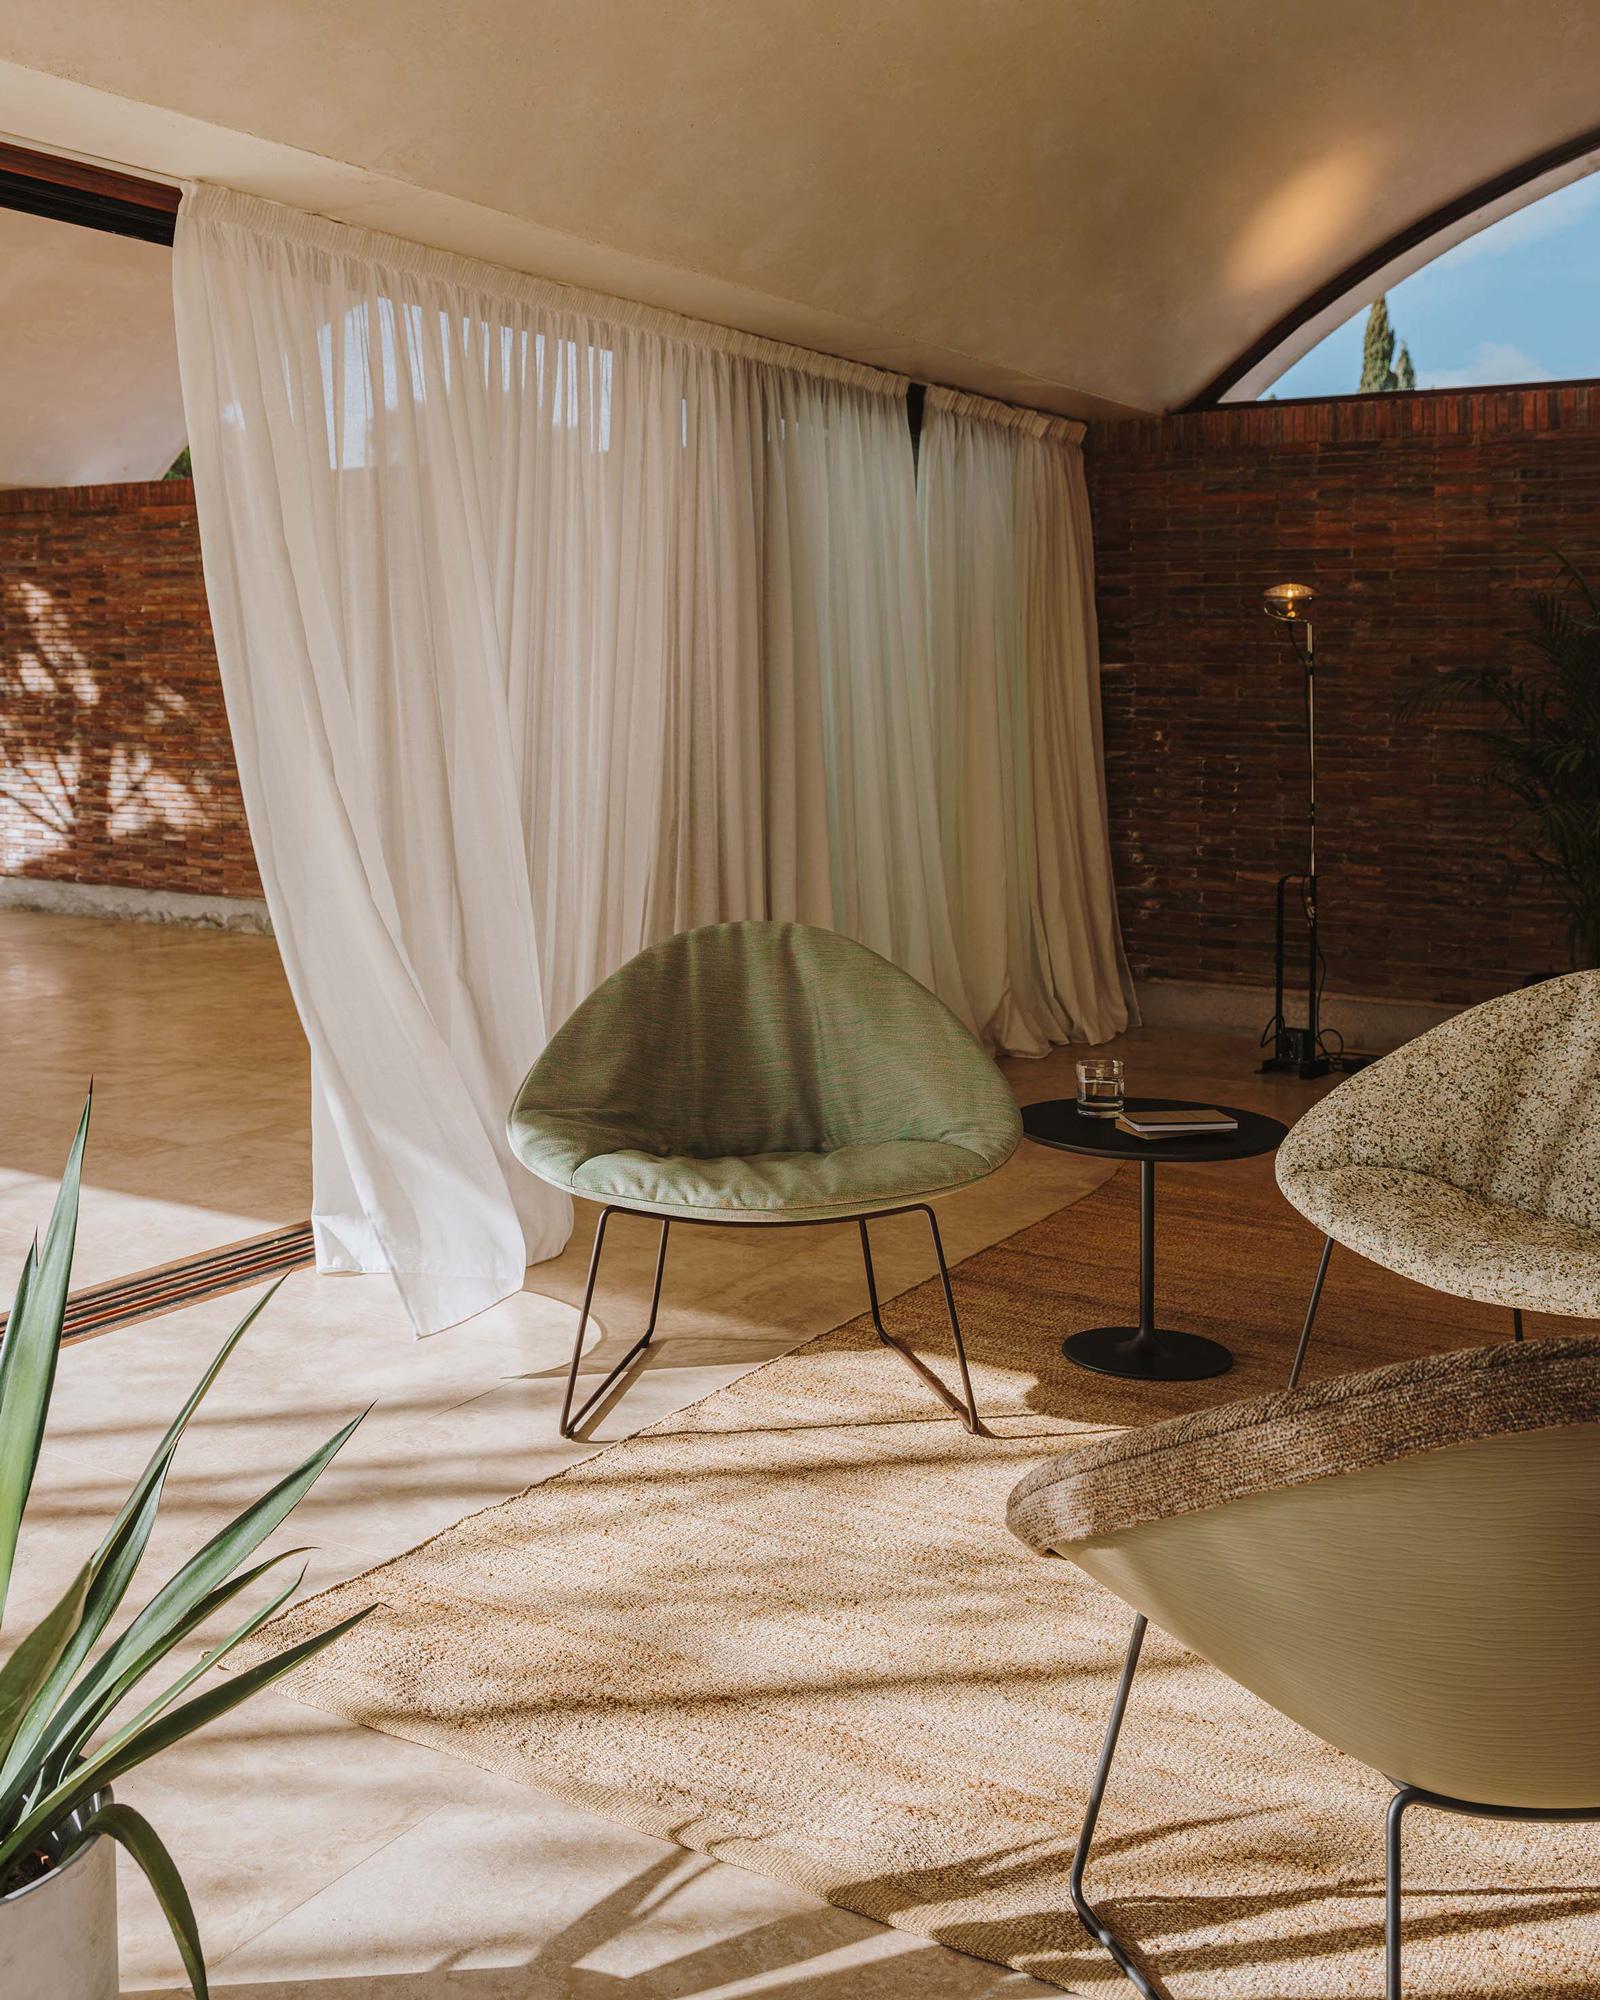 Von der Natur inspirierte Stuhlkollektion von Lievore + Altherr Désile Park für Arper